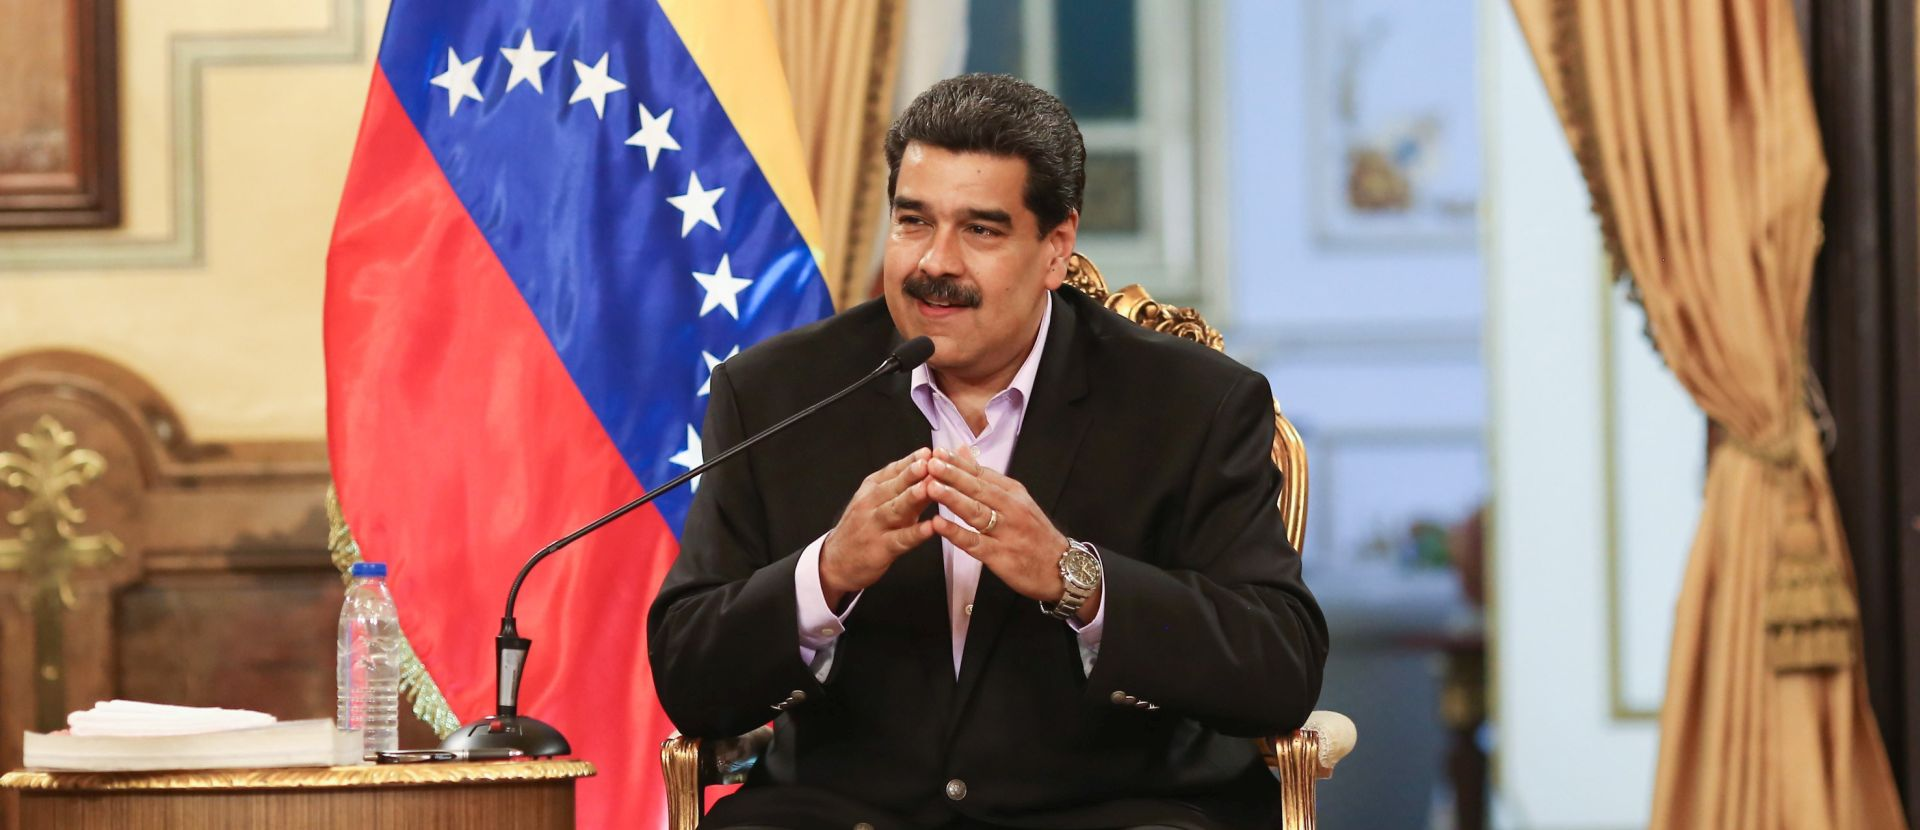 Maduro tvrdi da je Trump naredio njegovo ubojstvo